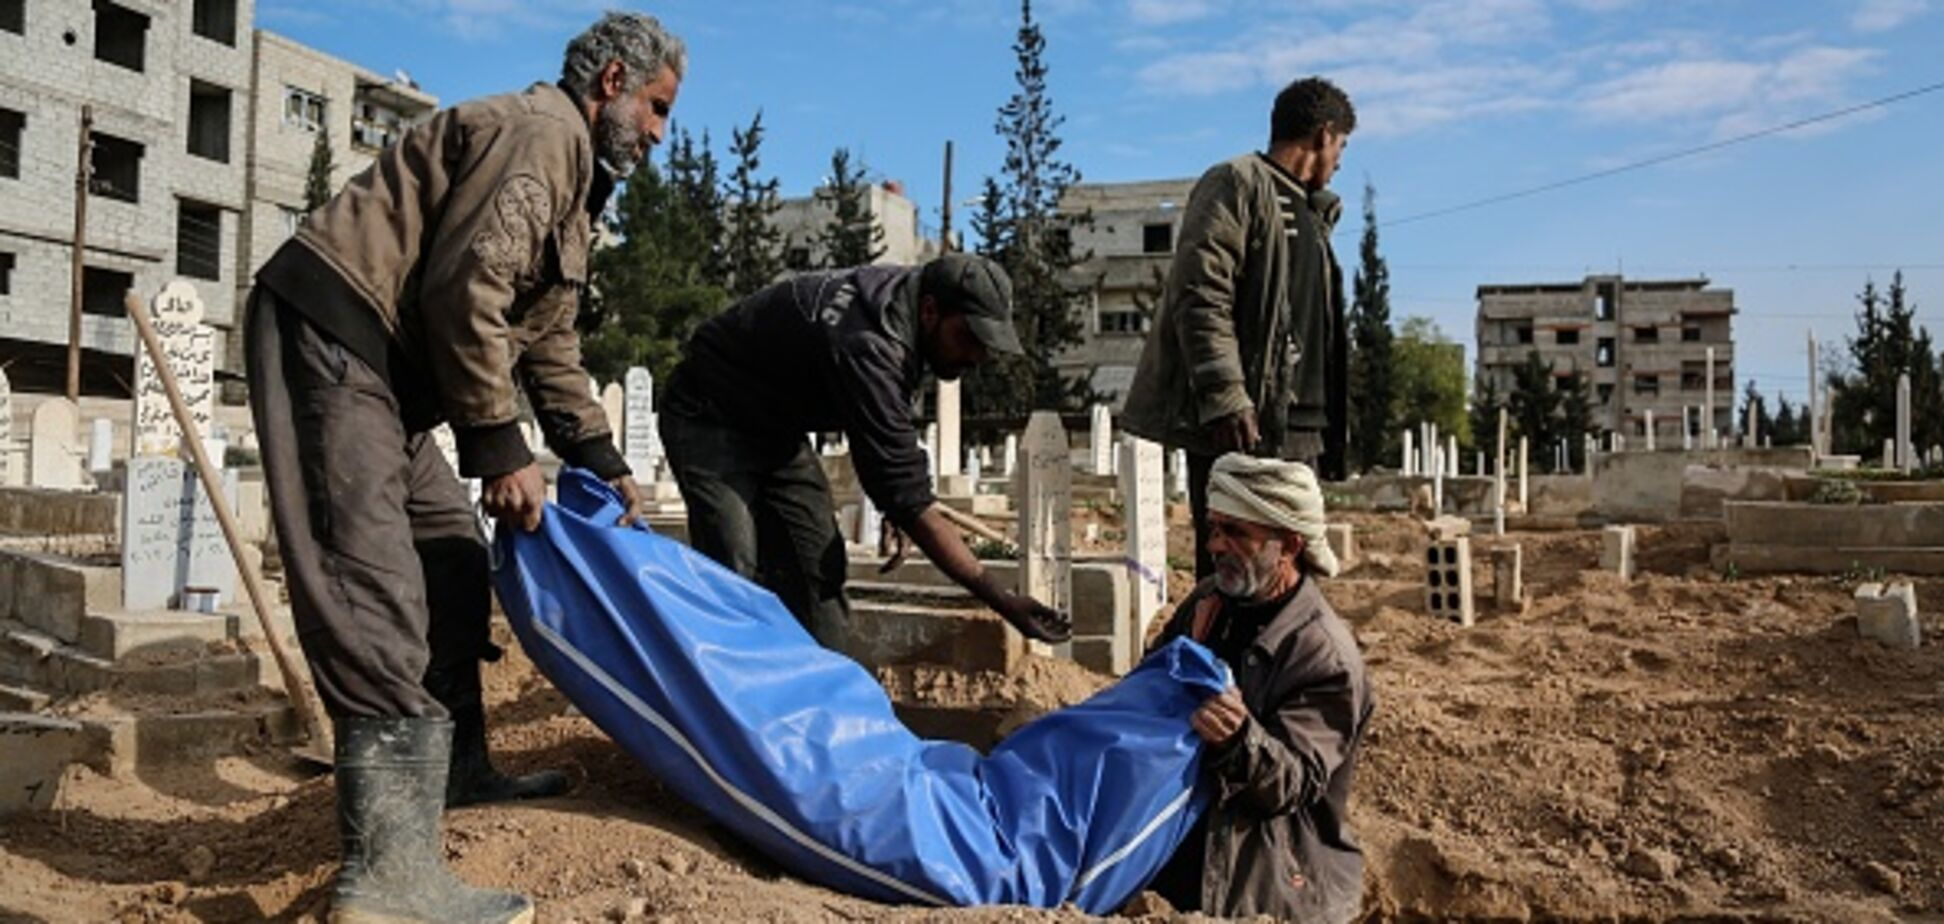 'Пекло на землі': біля столиці Сирії за 5 днів загинуло до 400 осіб